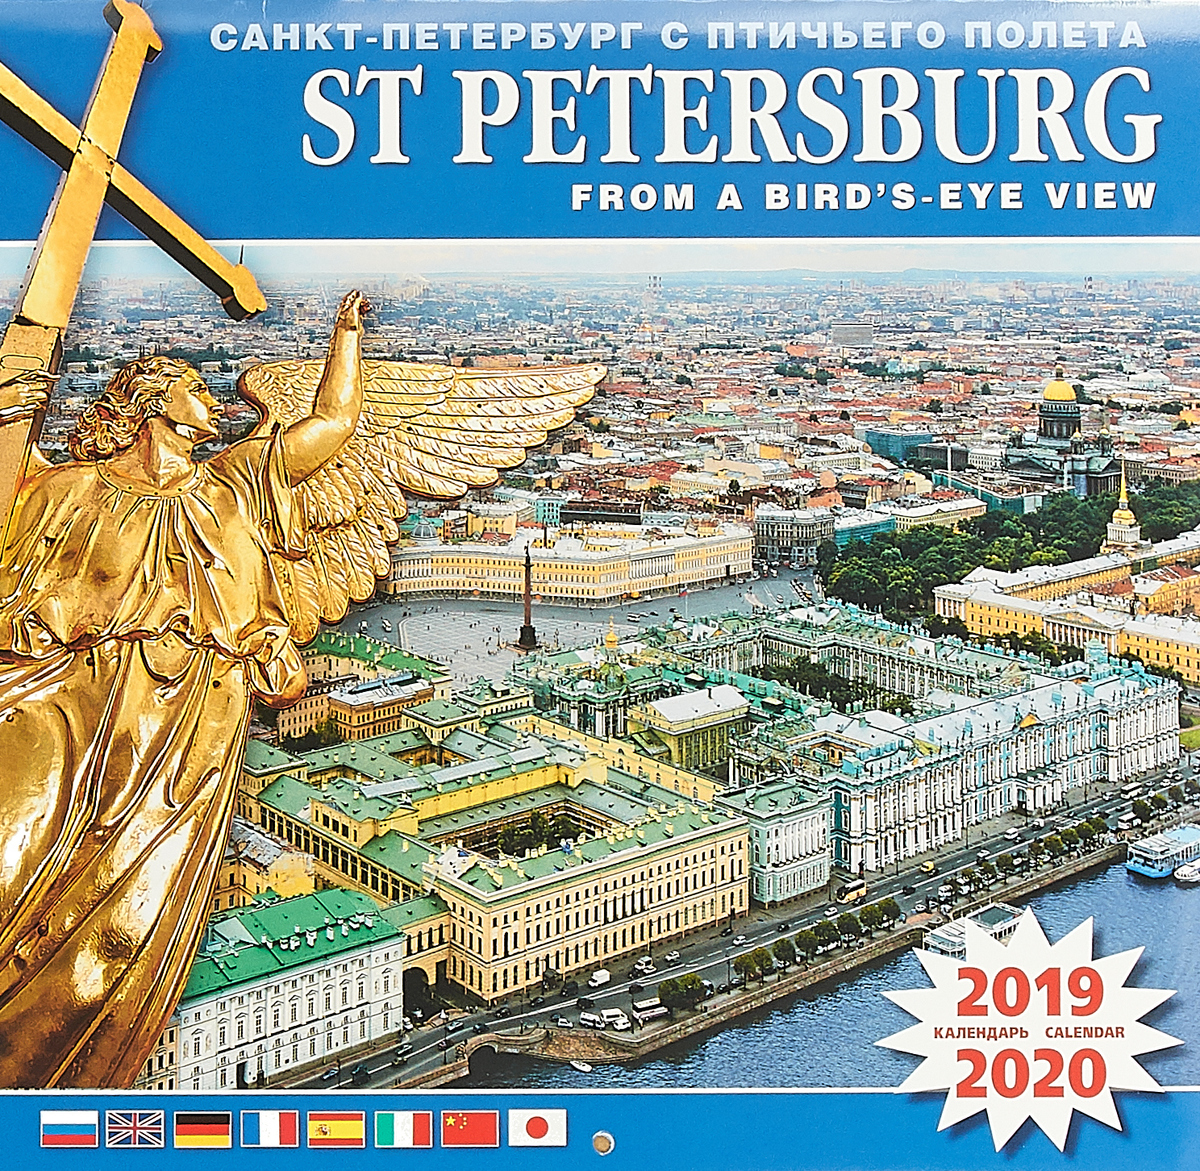 Календарь на скрепке на 2019-2020 год. Санкт-Петербург с птичьего полета